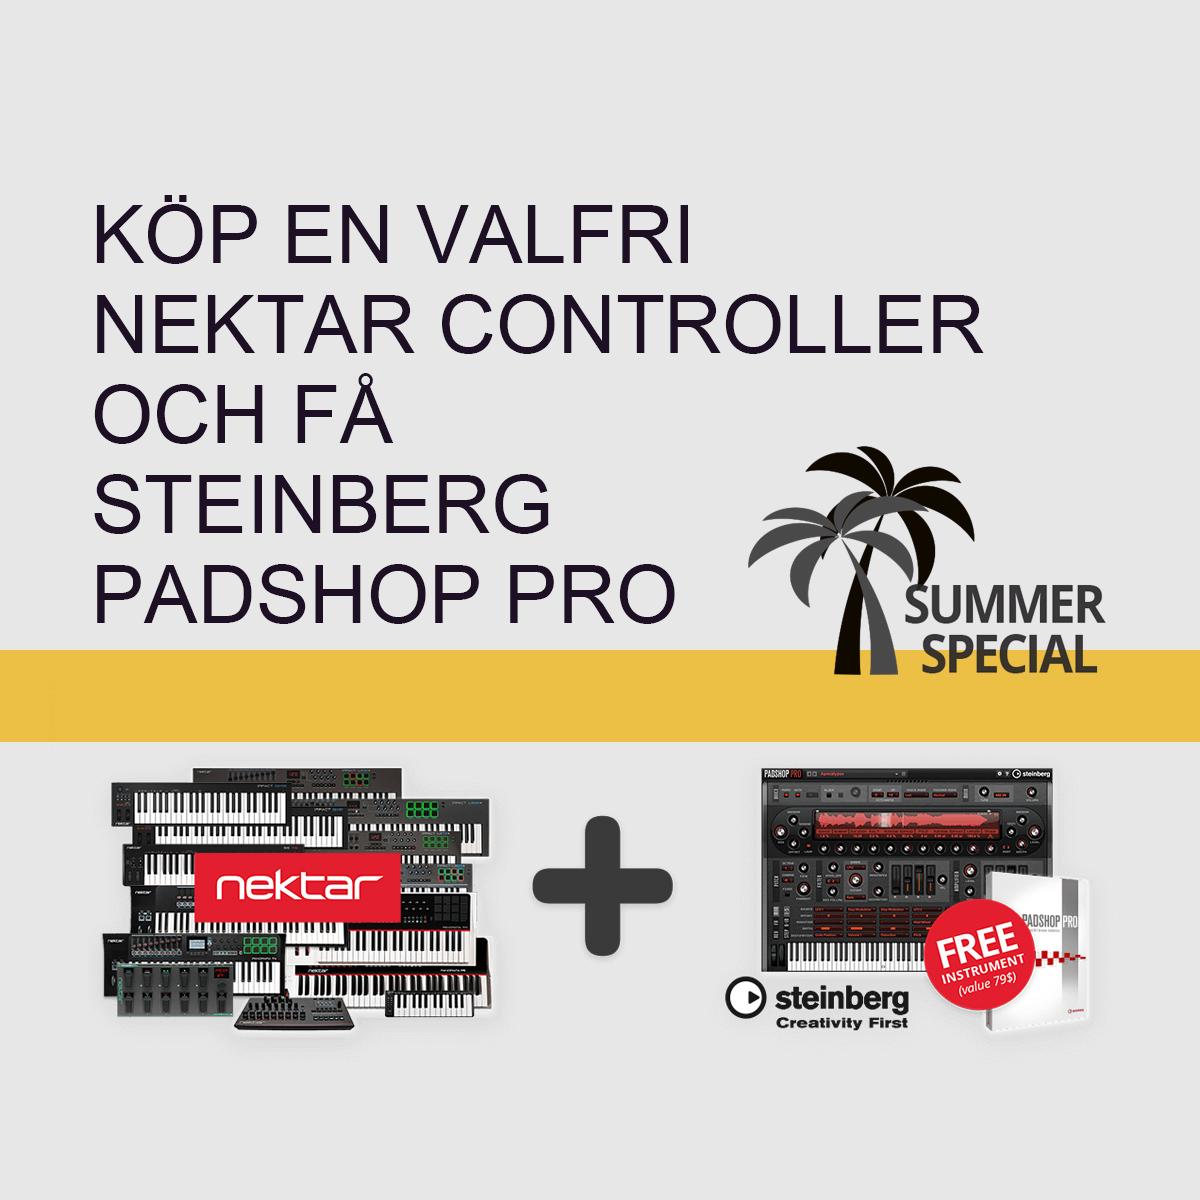 Nektar´s Summer Special Promo